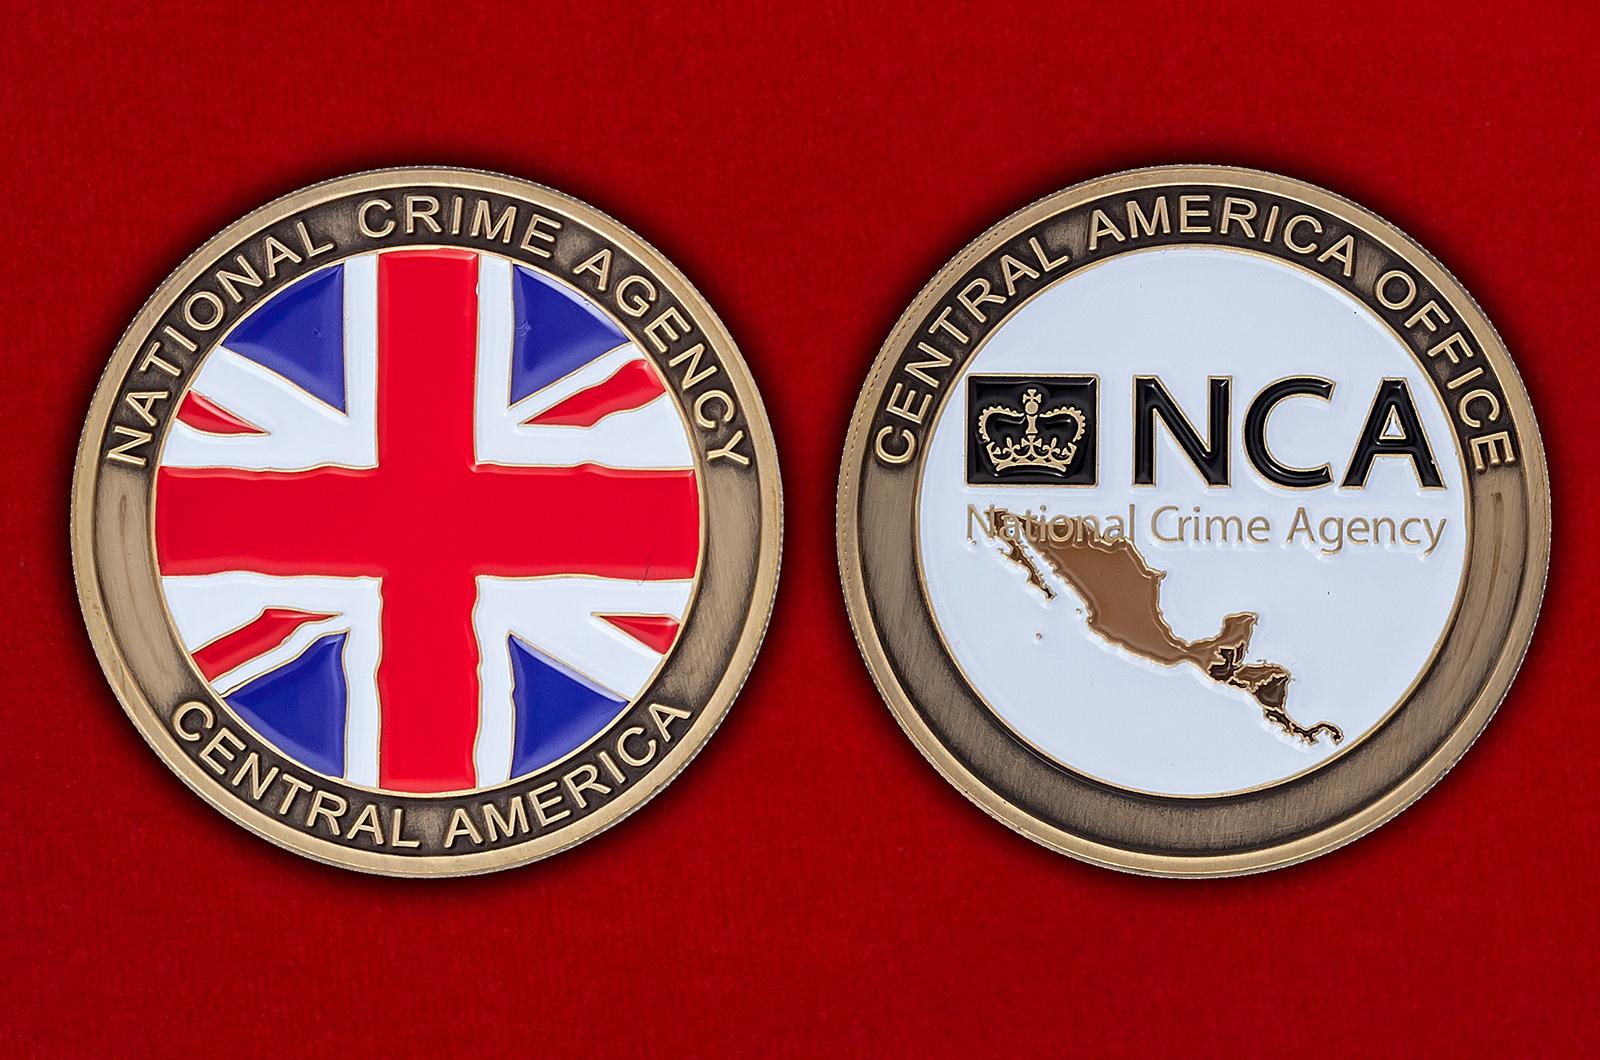 Челлендж коин офиса в Центральной Америке Национального агентства по борьбе с преступностью Великобритании